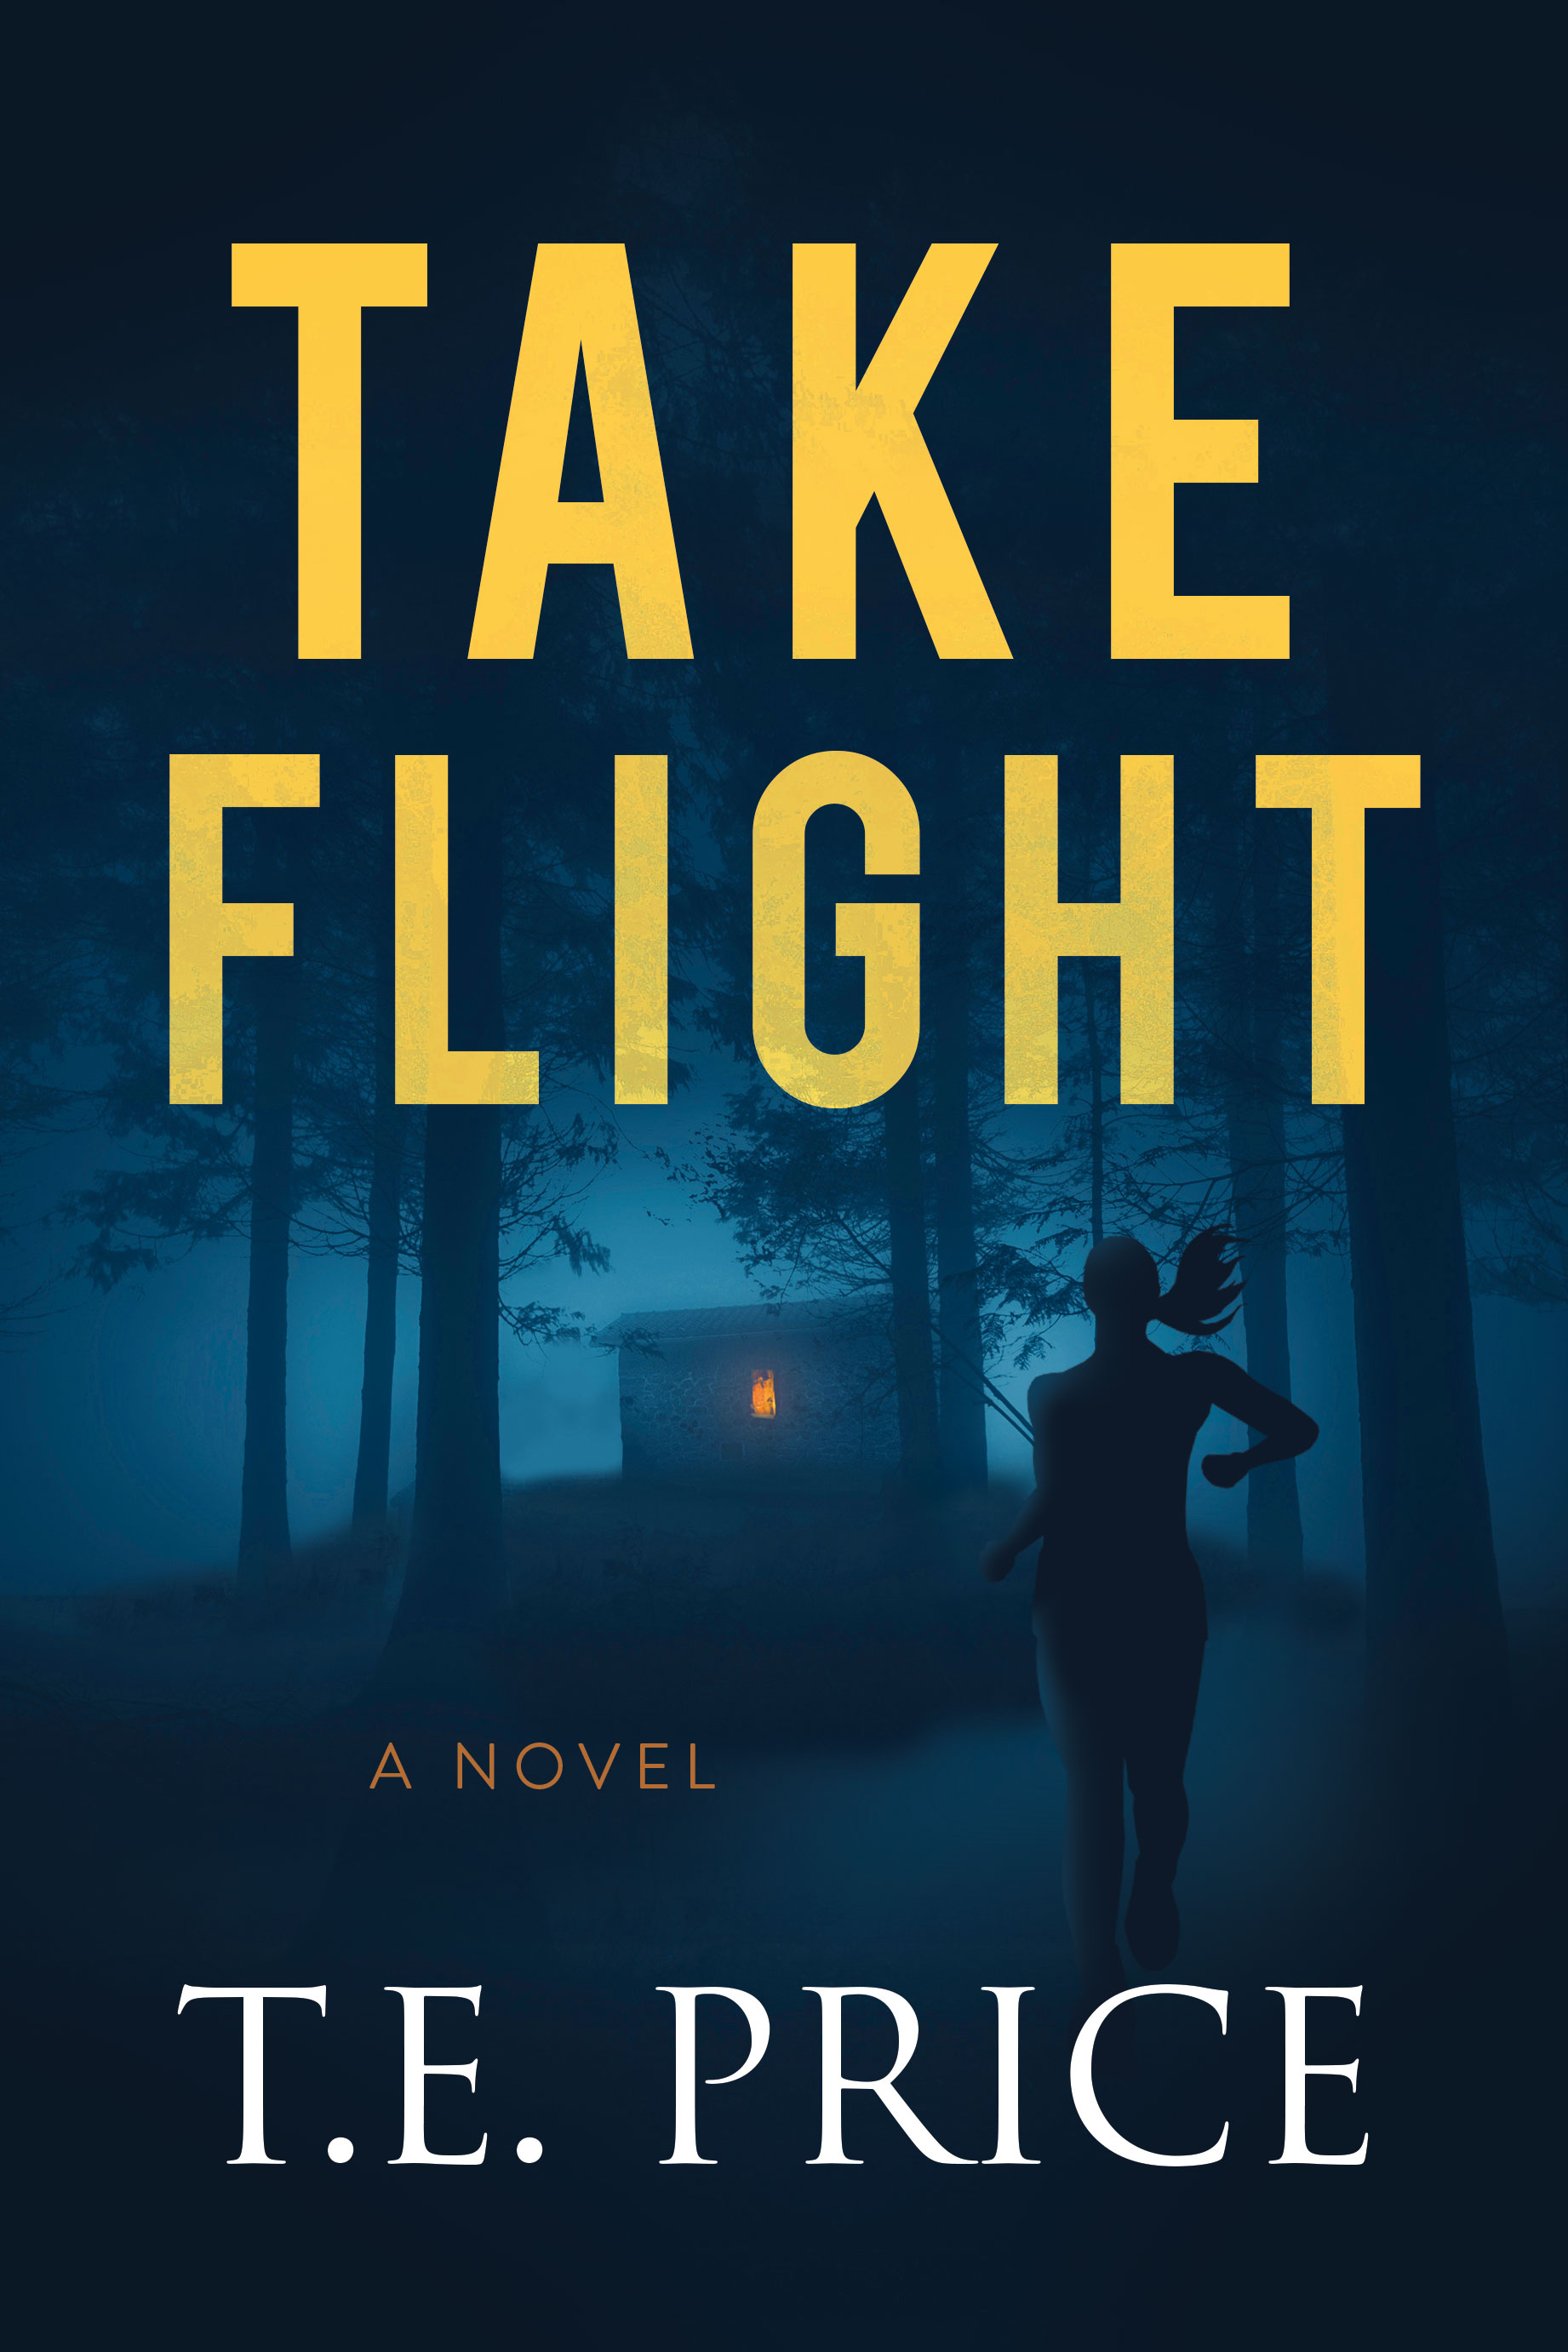 Take Flight: Author T.E. Price